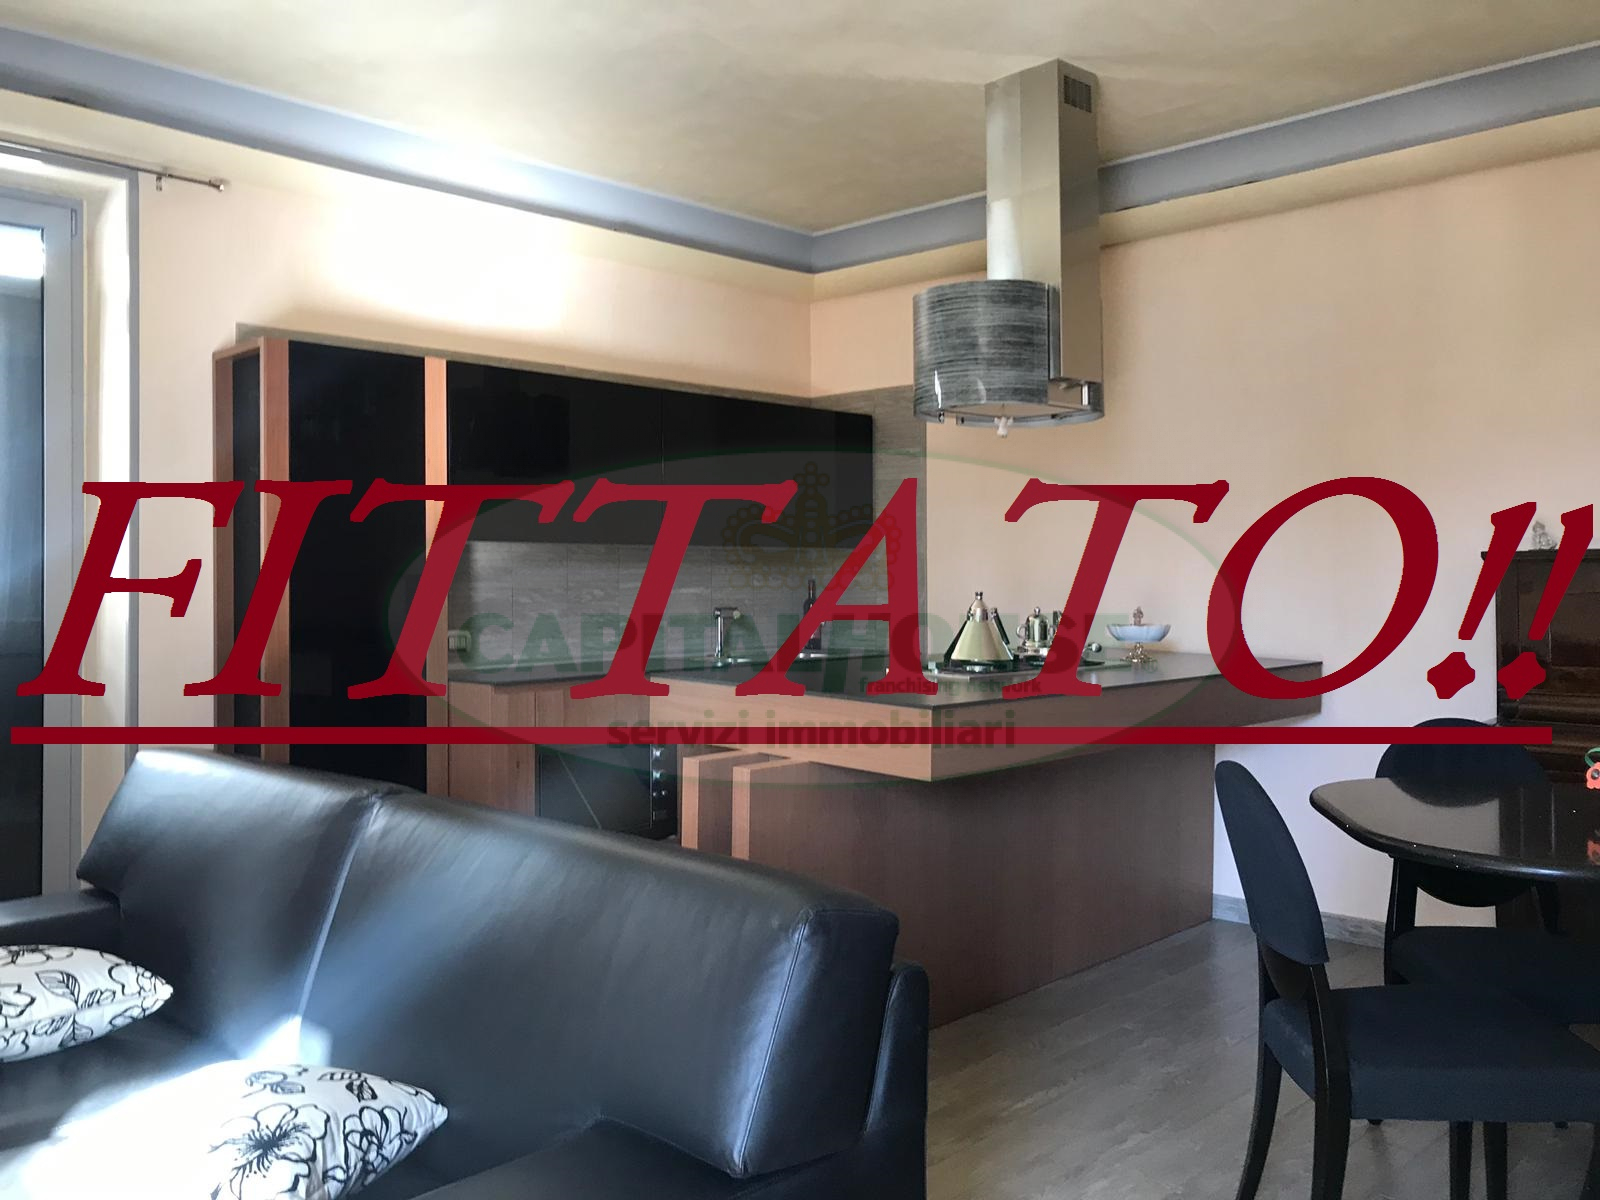 Appartamento in affitto a Afragola, 2 locali, zona Località: Centro, prezzo € 400 | CambioCasa.it